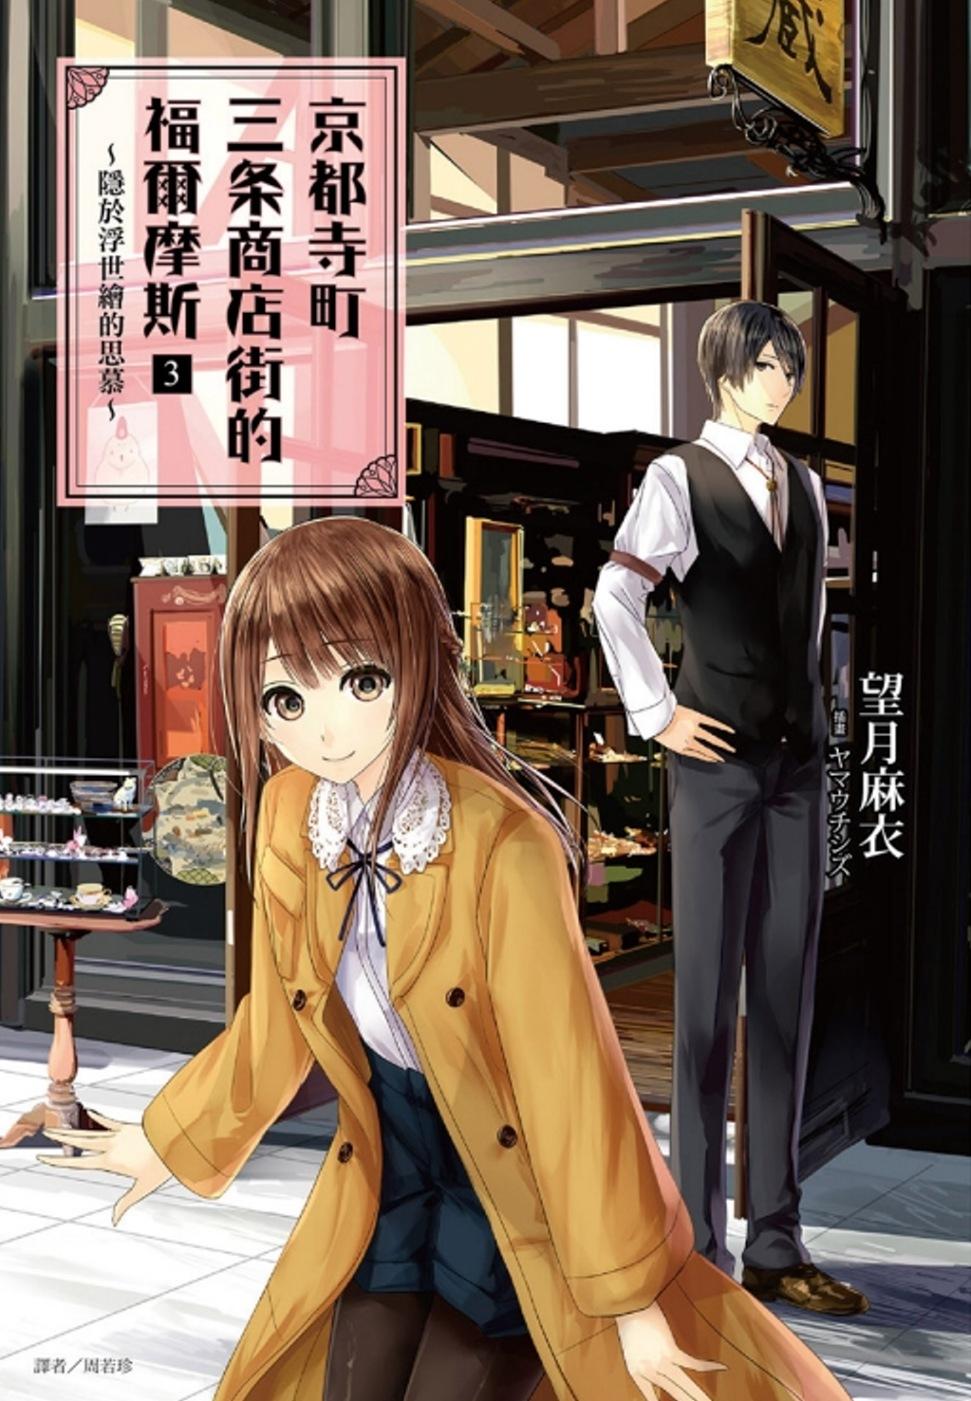 京都寺町三条商店街的福爾摩斯 3.隱於浮世繪的思慕